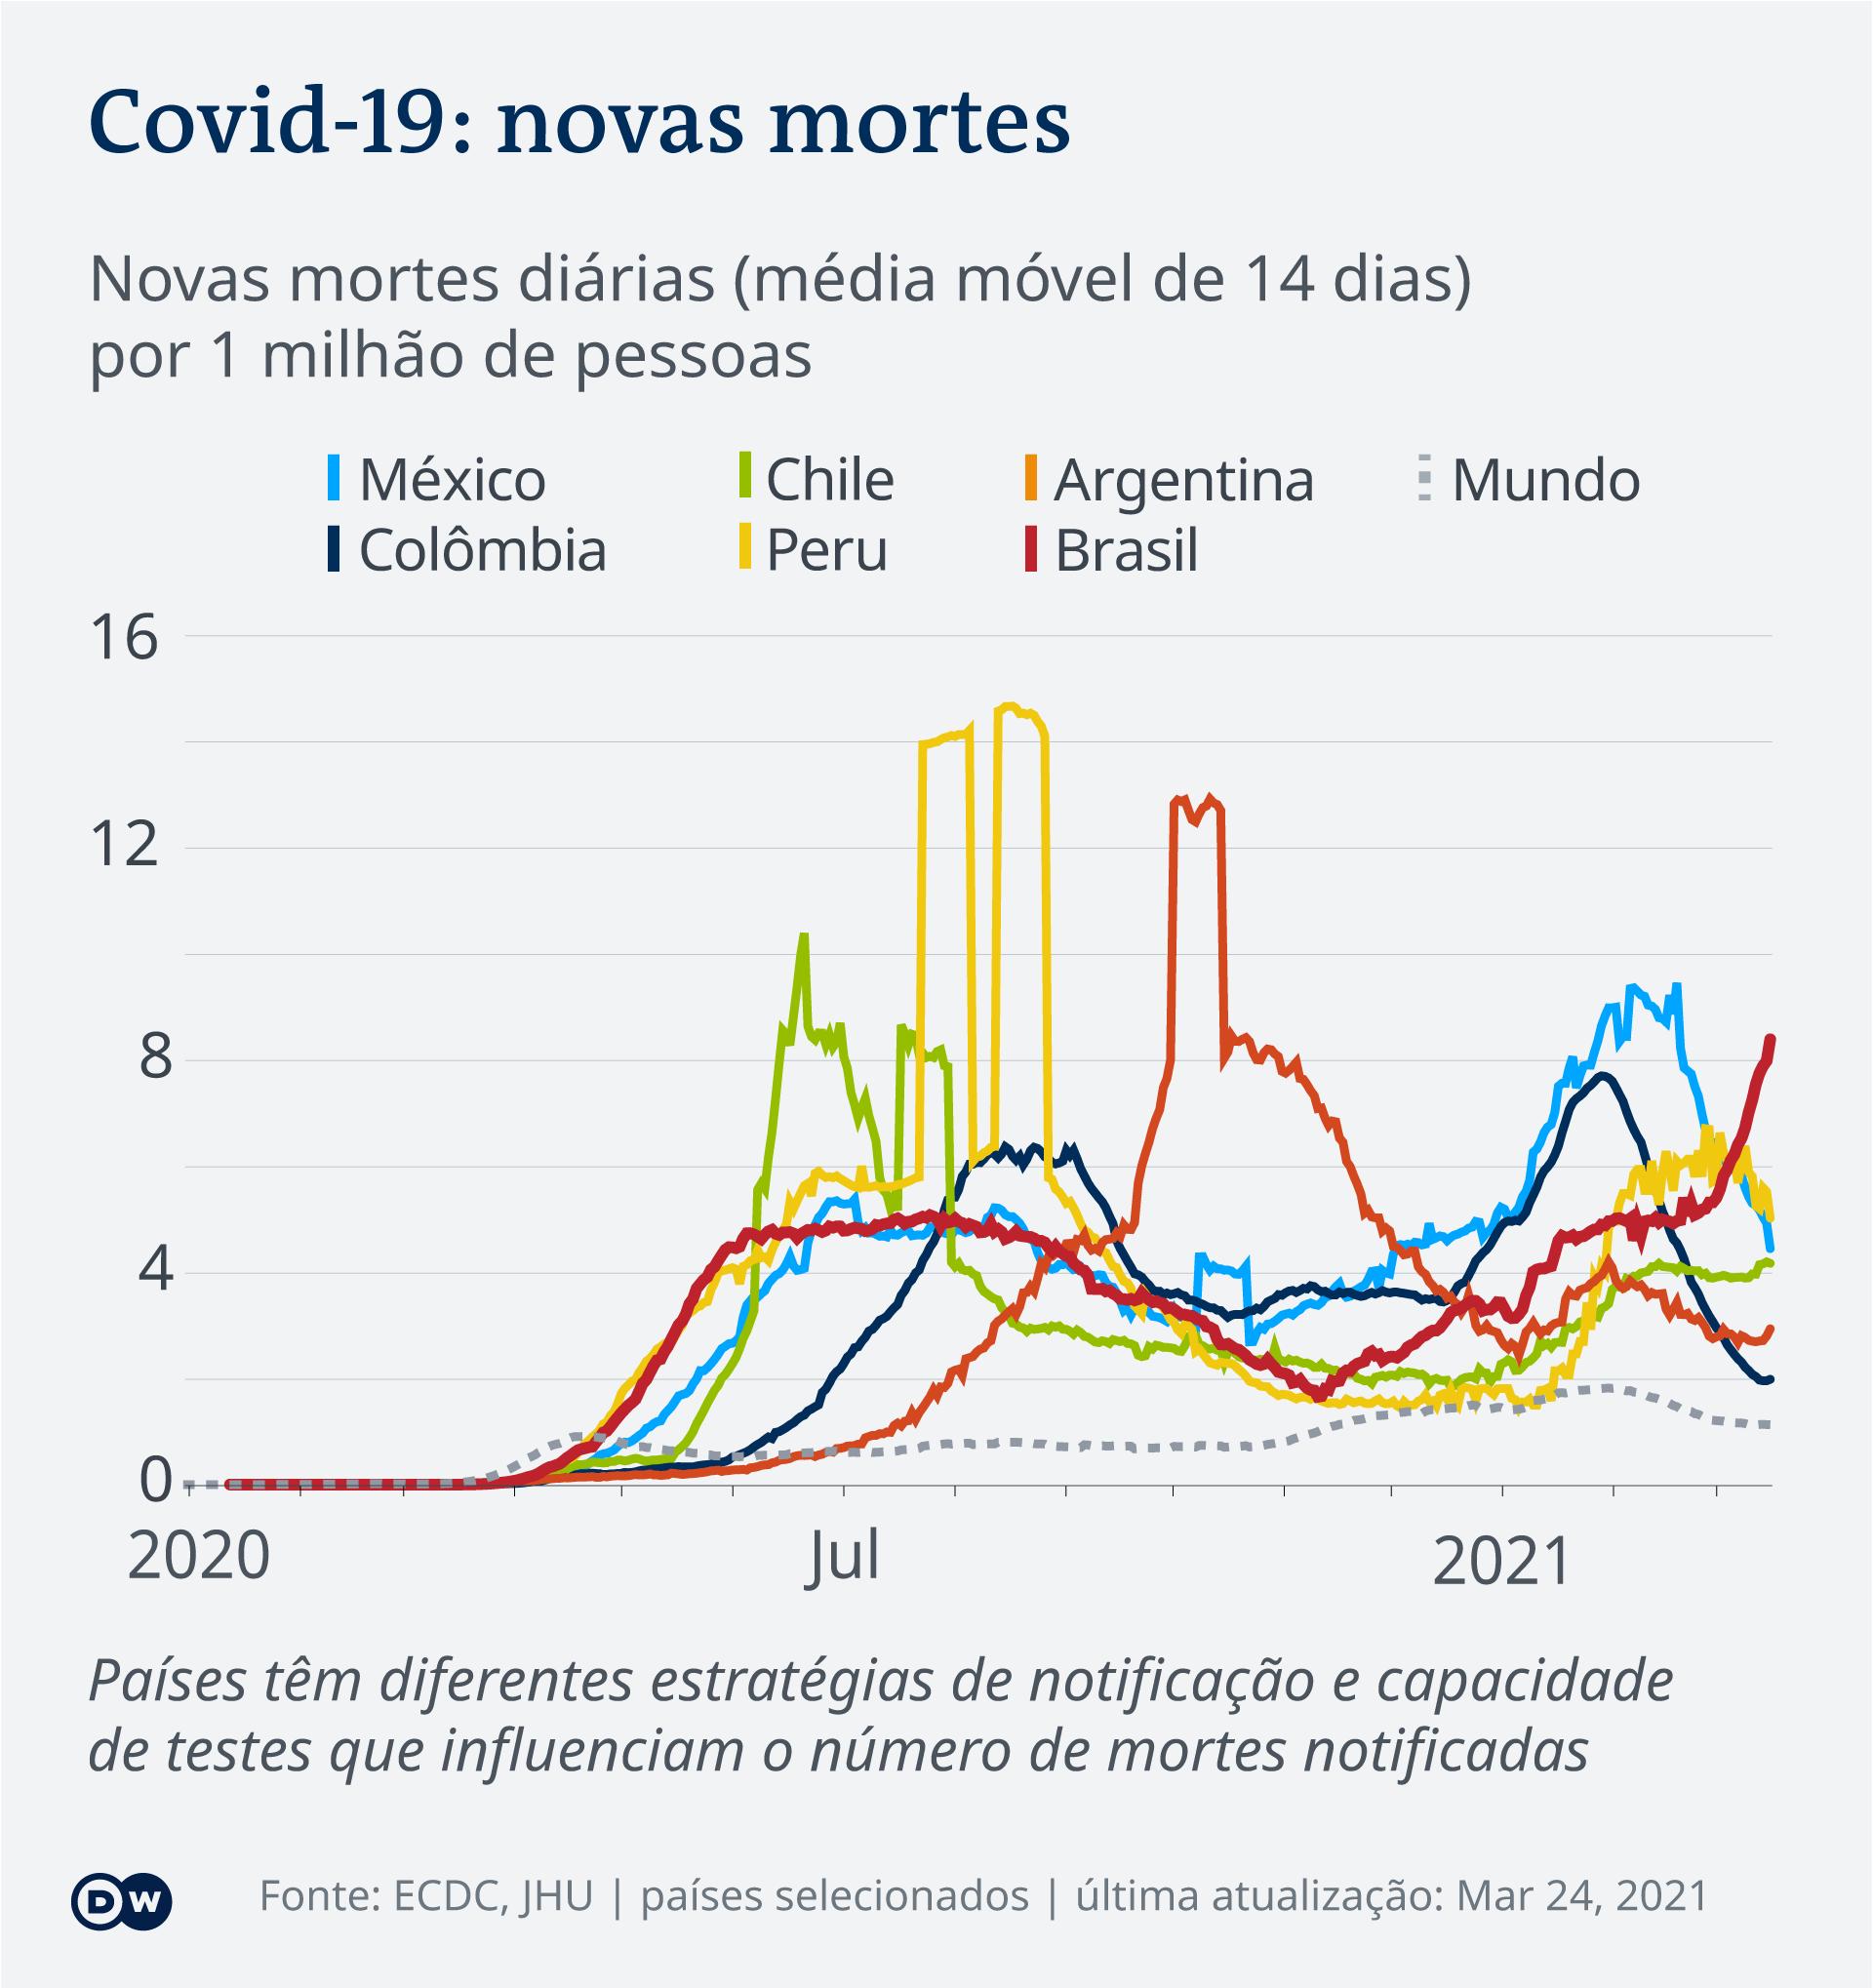 Gráfico sobre novas mortes diárias por milhão de pessoas em países variados